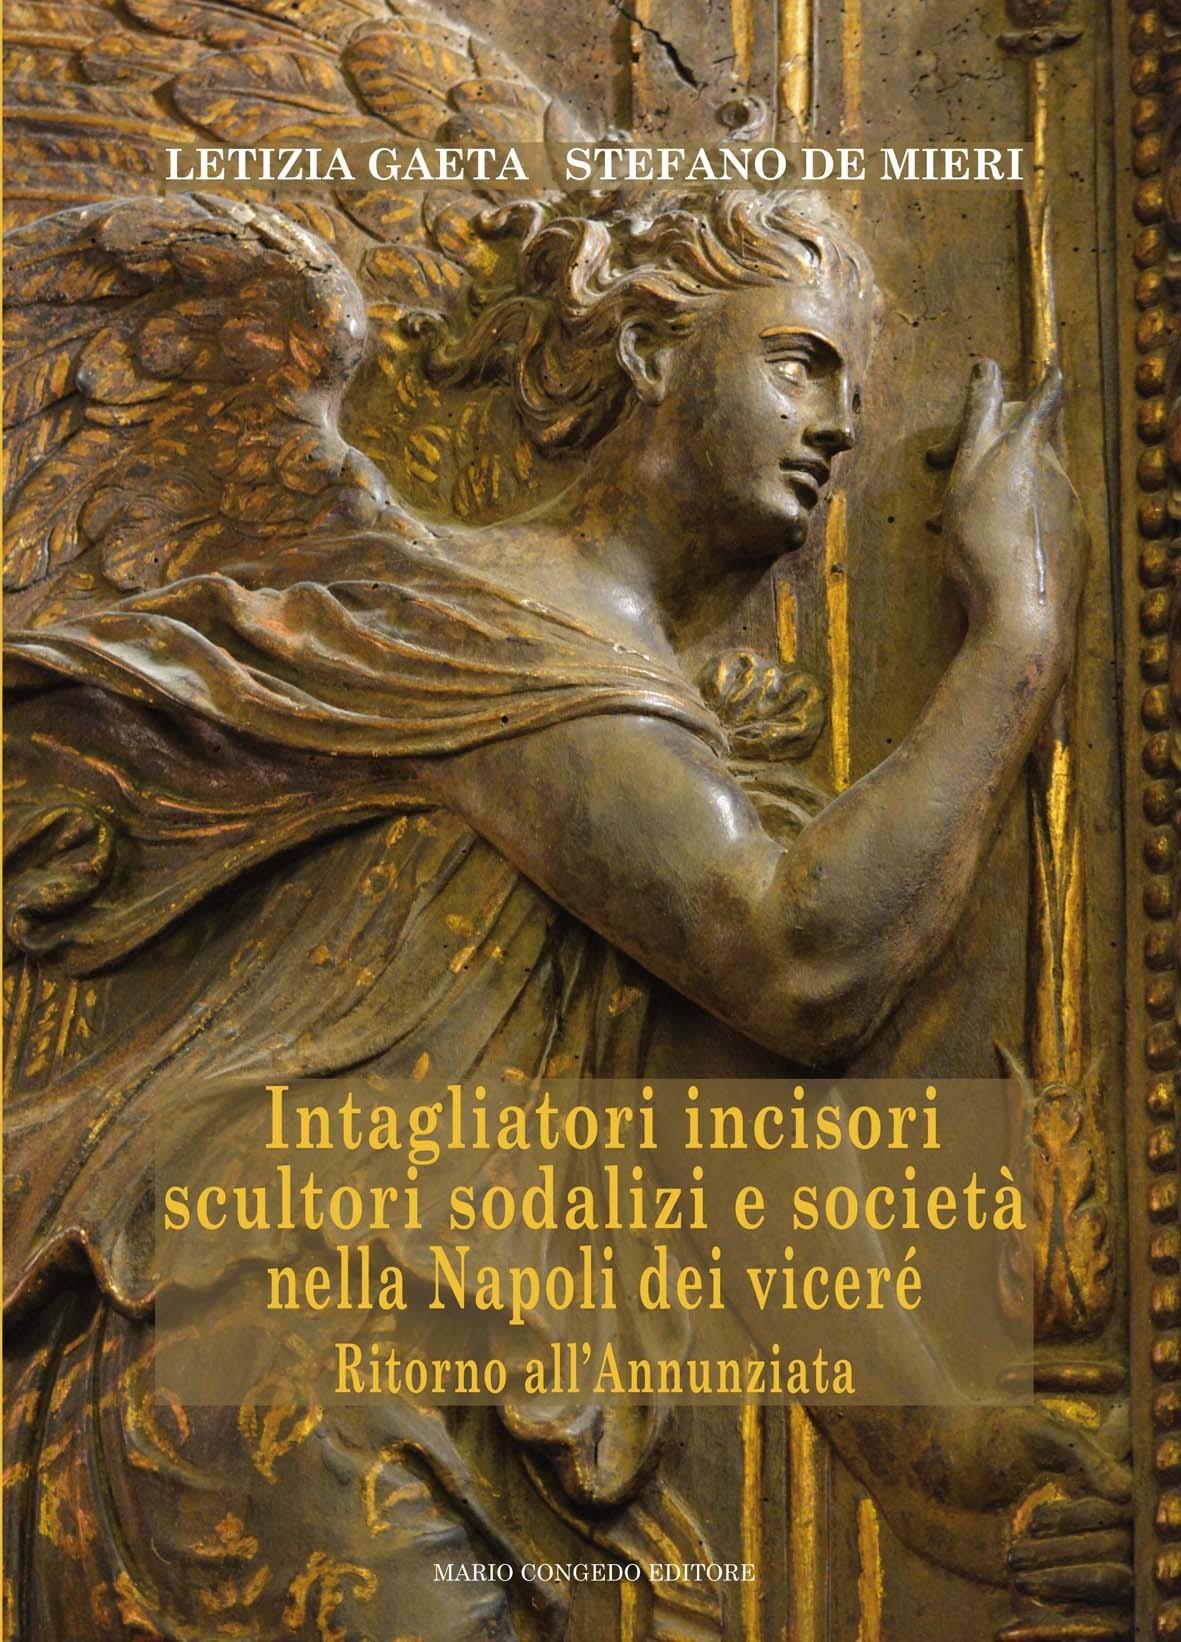 Intagliatori incisori scultori sodalizi e società nella Napoli dei viceré. Ritorno all'Annunziata